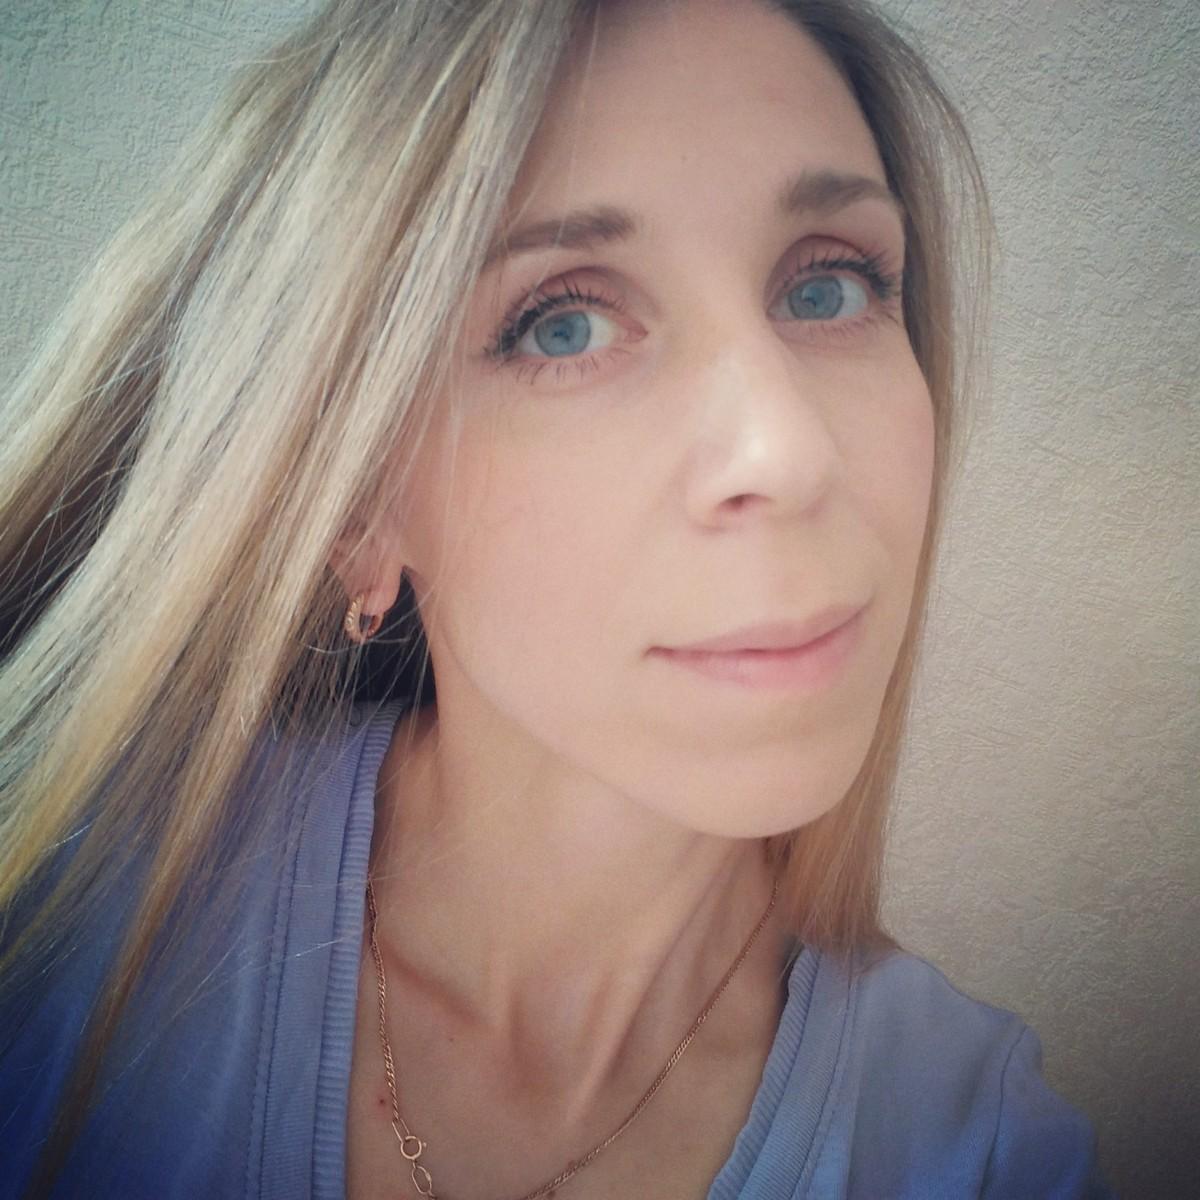 Знакомства Челябинск, фото девушки Анна, 41 год, познакомится для флирта, любви и романтики, cерьезных отношений